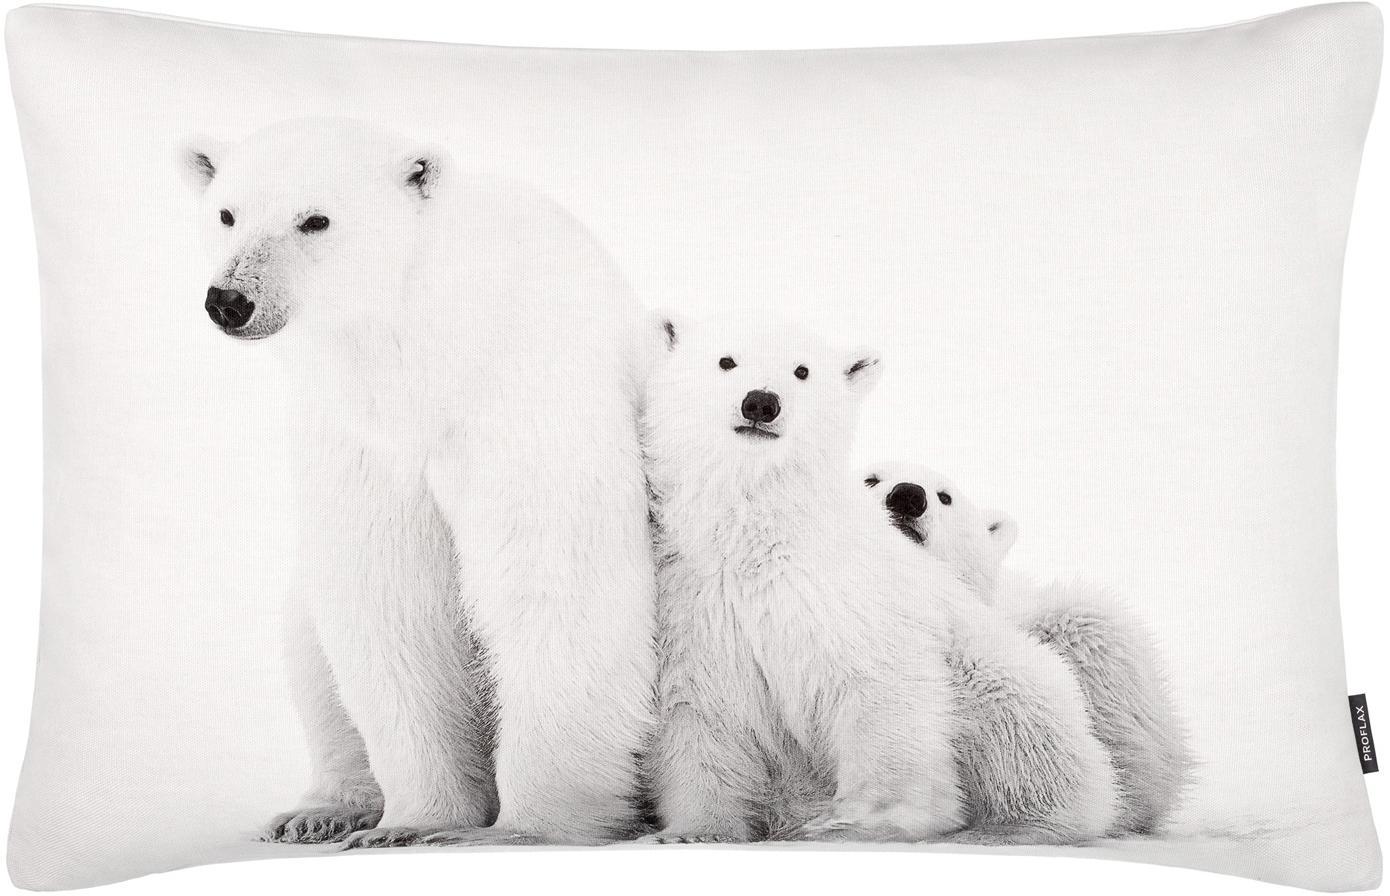 Kissenhülle Cool mit winterlichem Motiv, Baumwolle, Weiß, Grautöne, 40 x 60 cm